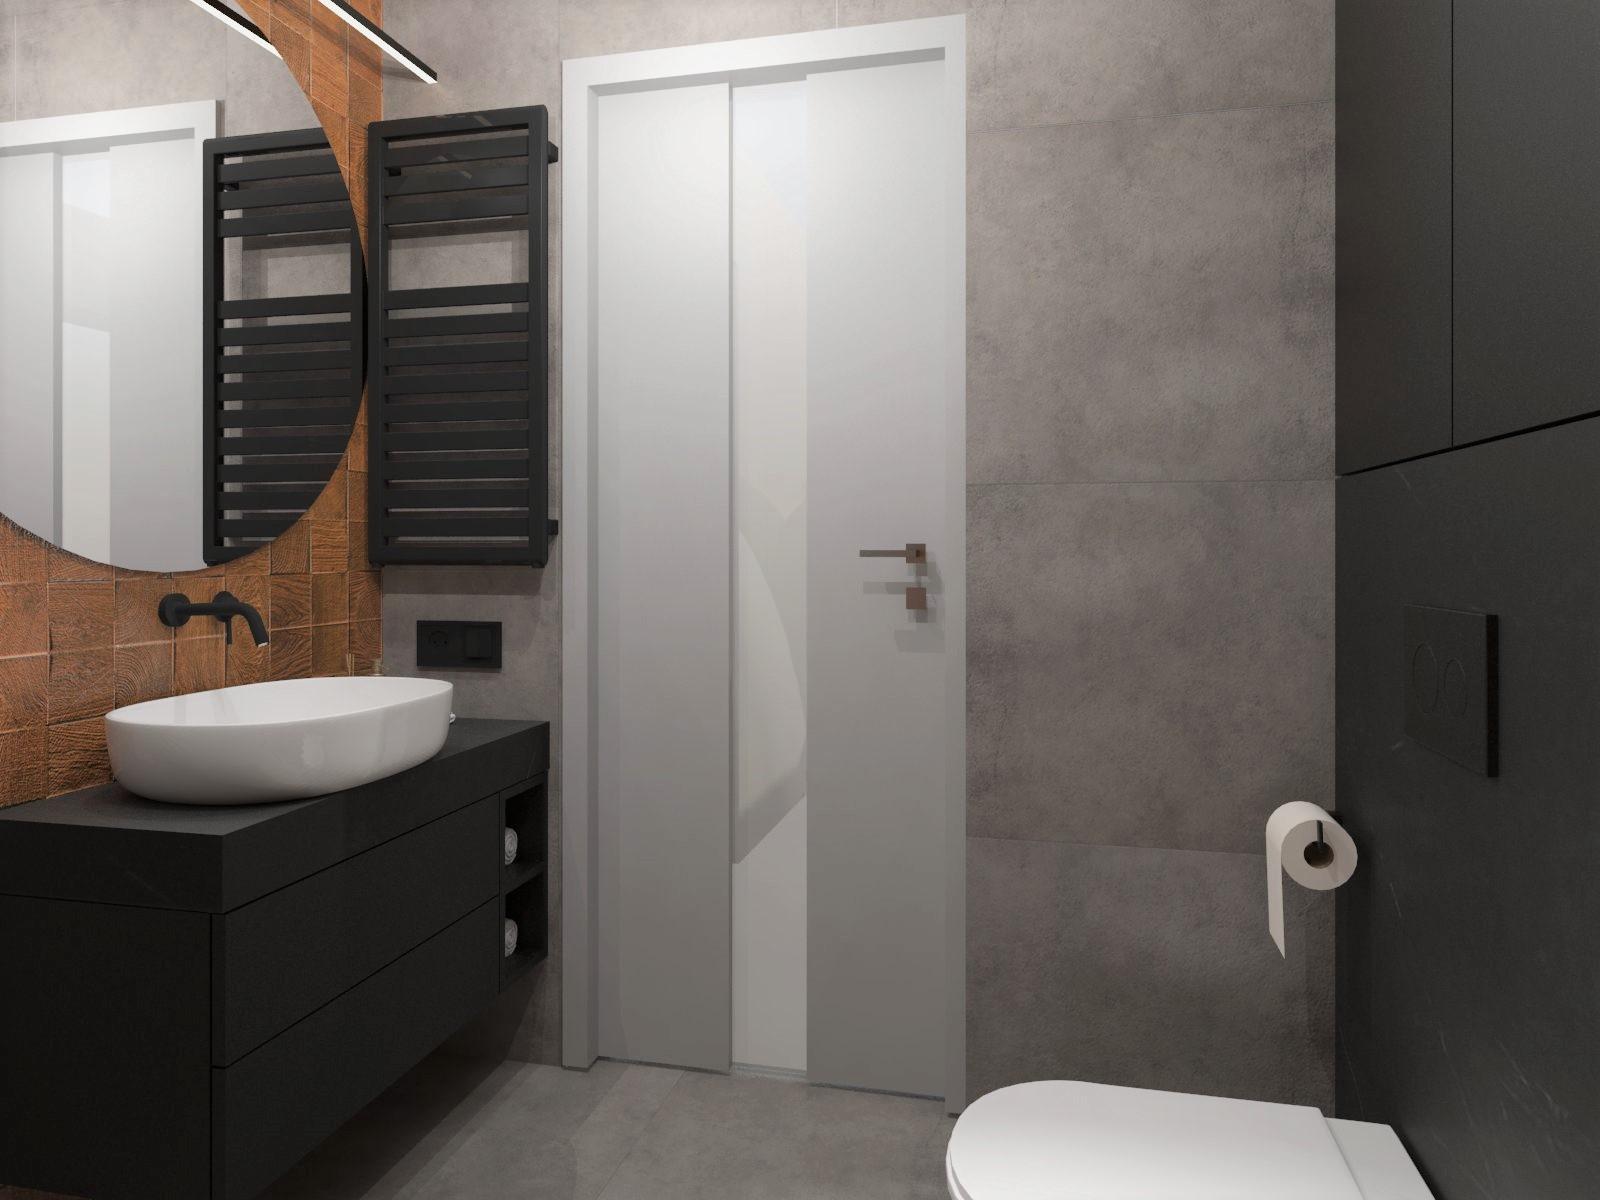 Aleksandra Chmielowicz architekt wnętrz, projektowanie wnętrz Olkusz, projektowanie wnętrz Mikołów, projektowanie wnętrz łazienka Tychy